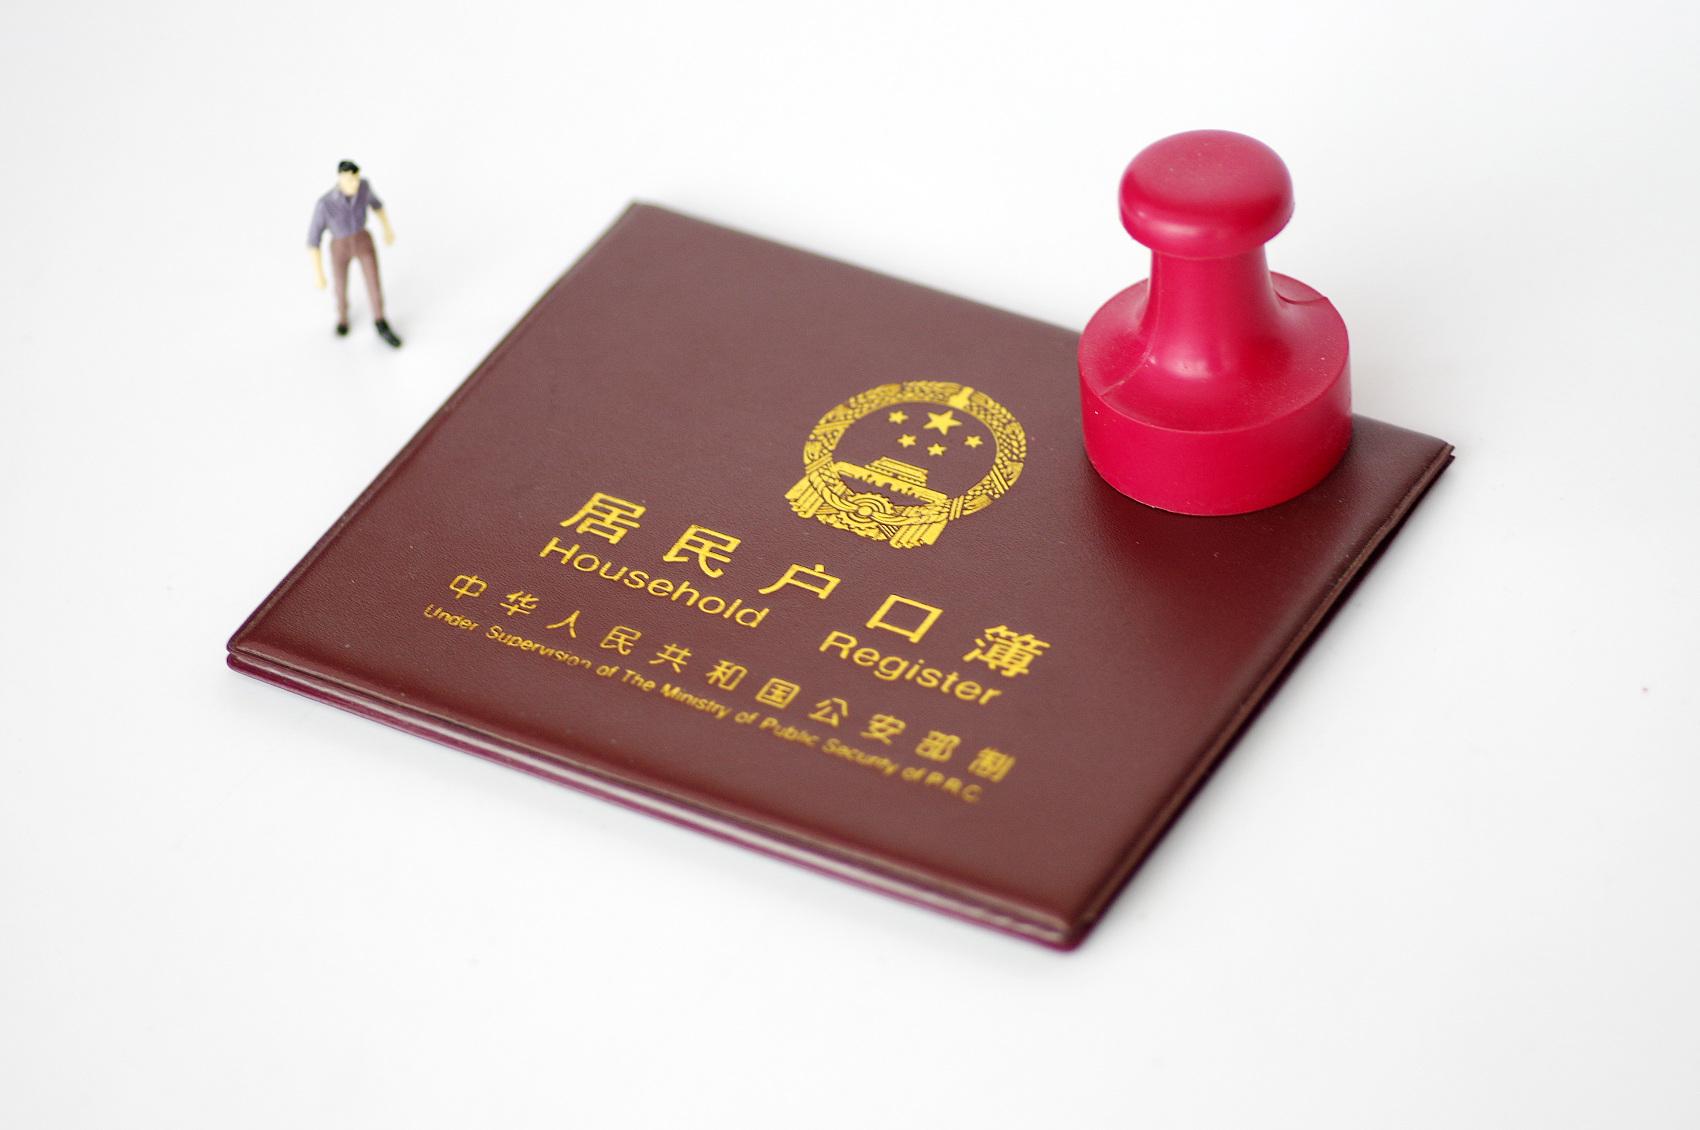 毕业生获北京户口一年后离职,法院判其赔单位31万